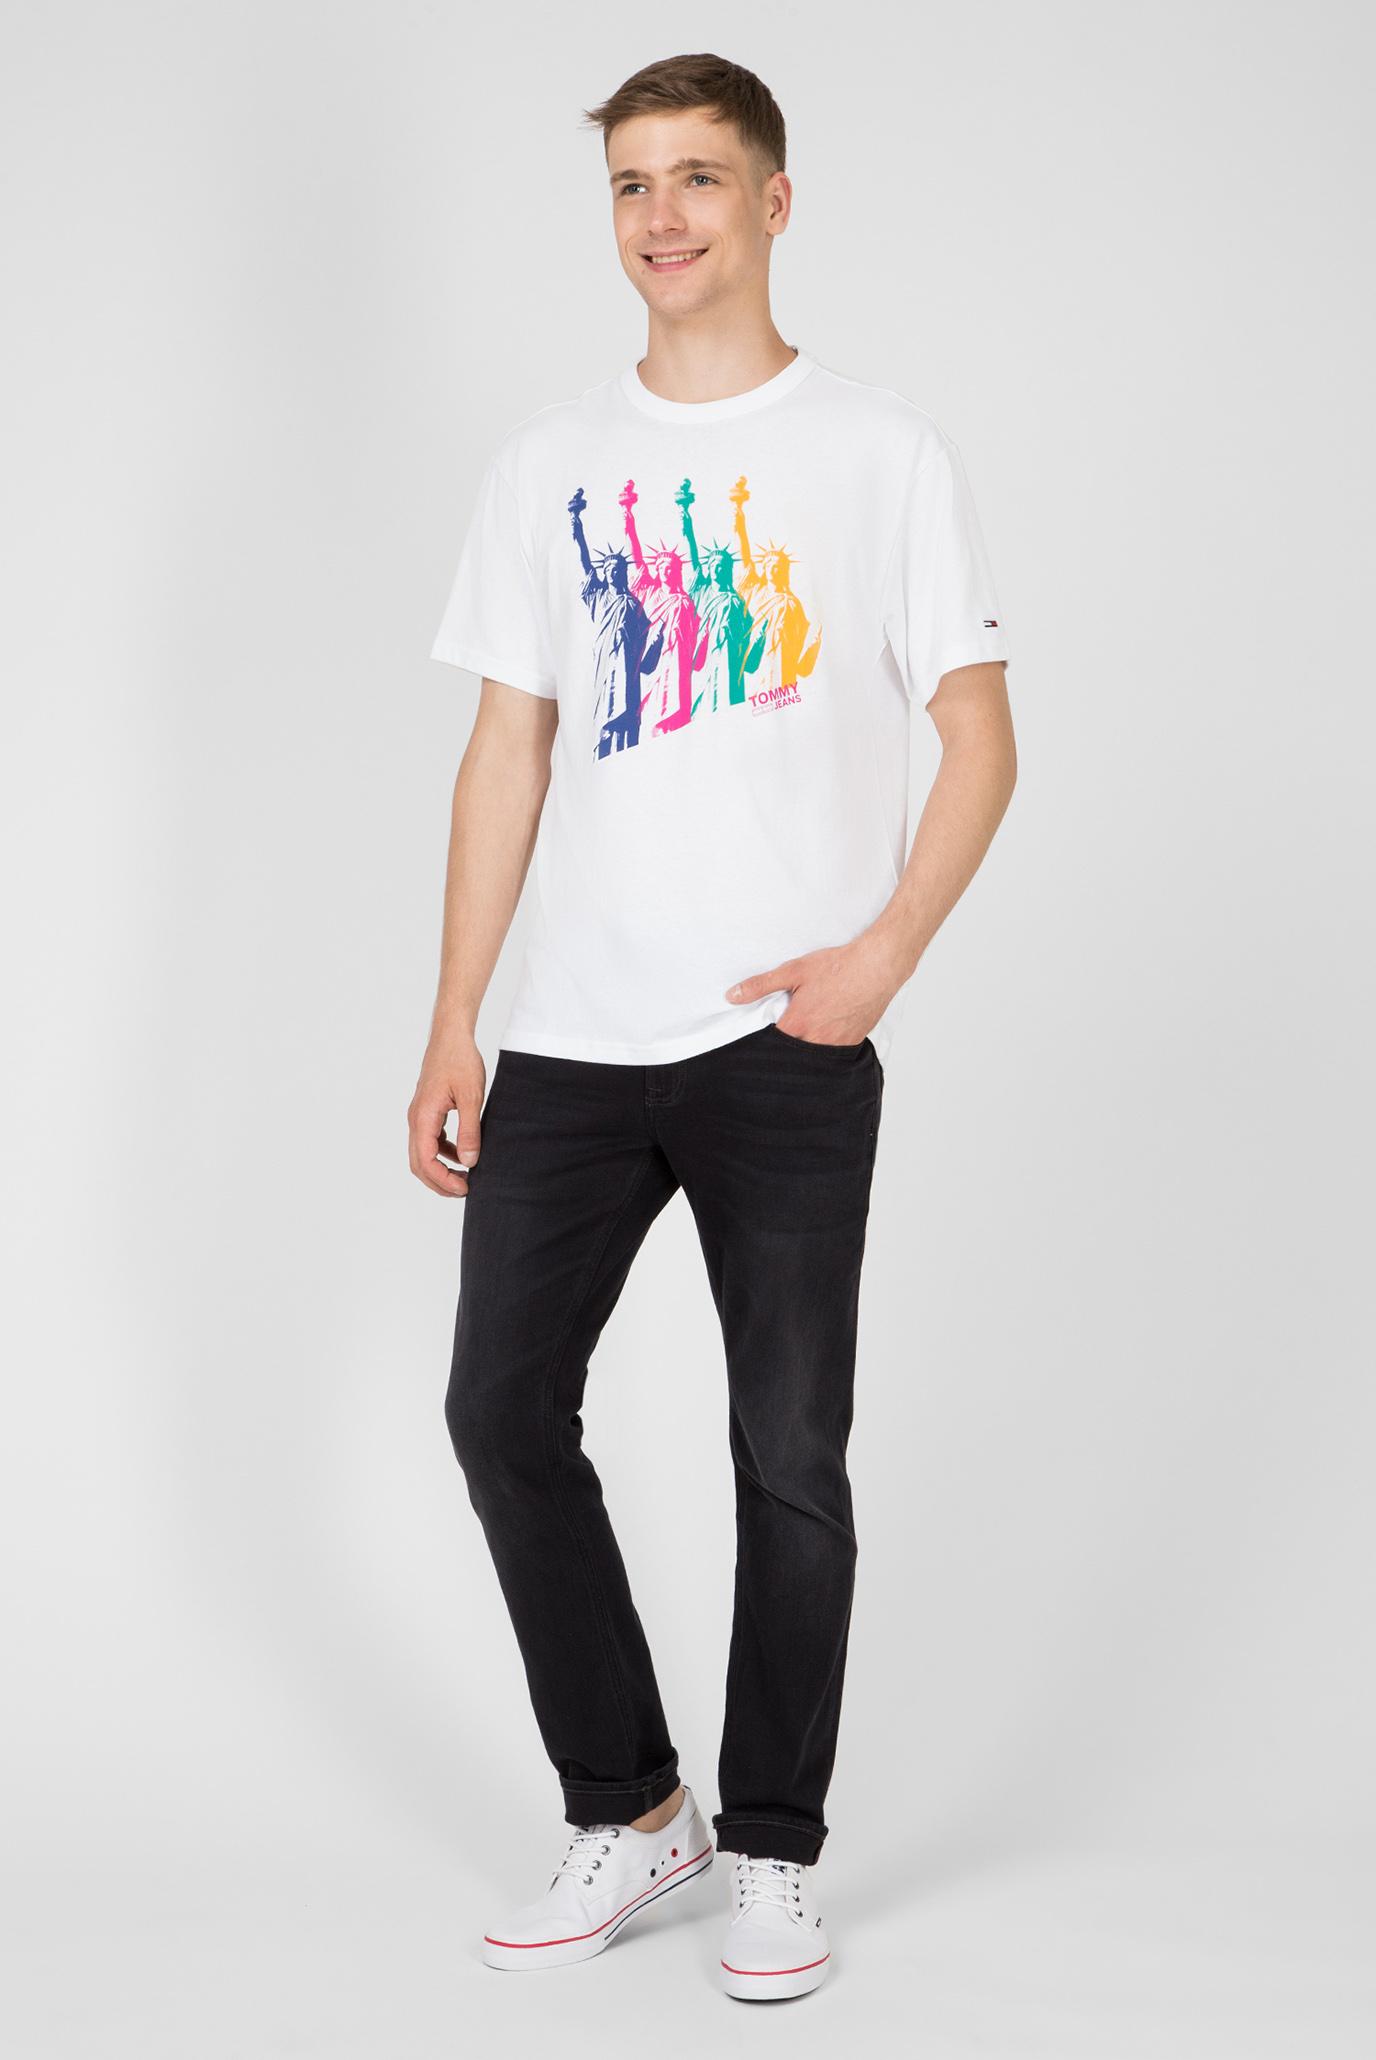 Чоловіча біла футболка з принтом TJM NEW YORK PHOTO 902 Tommy Jeans